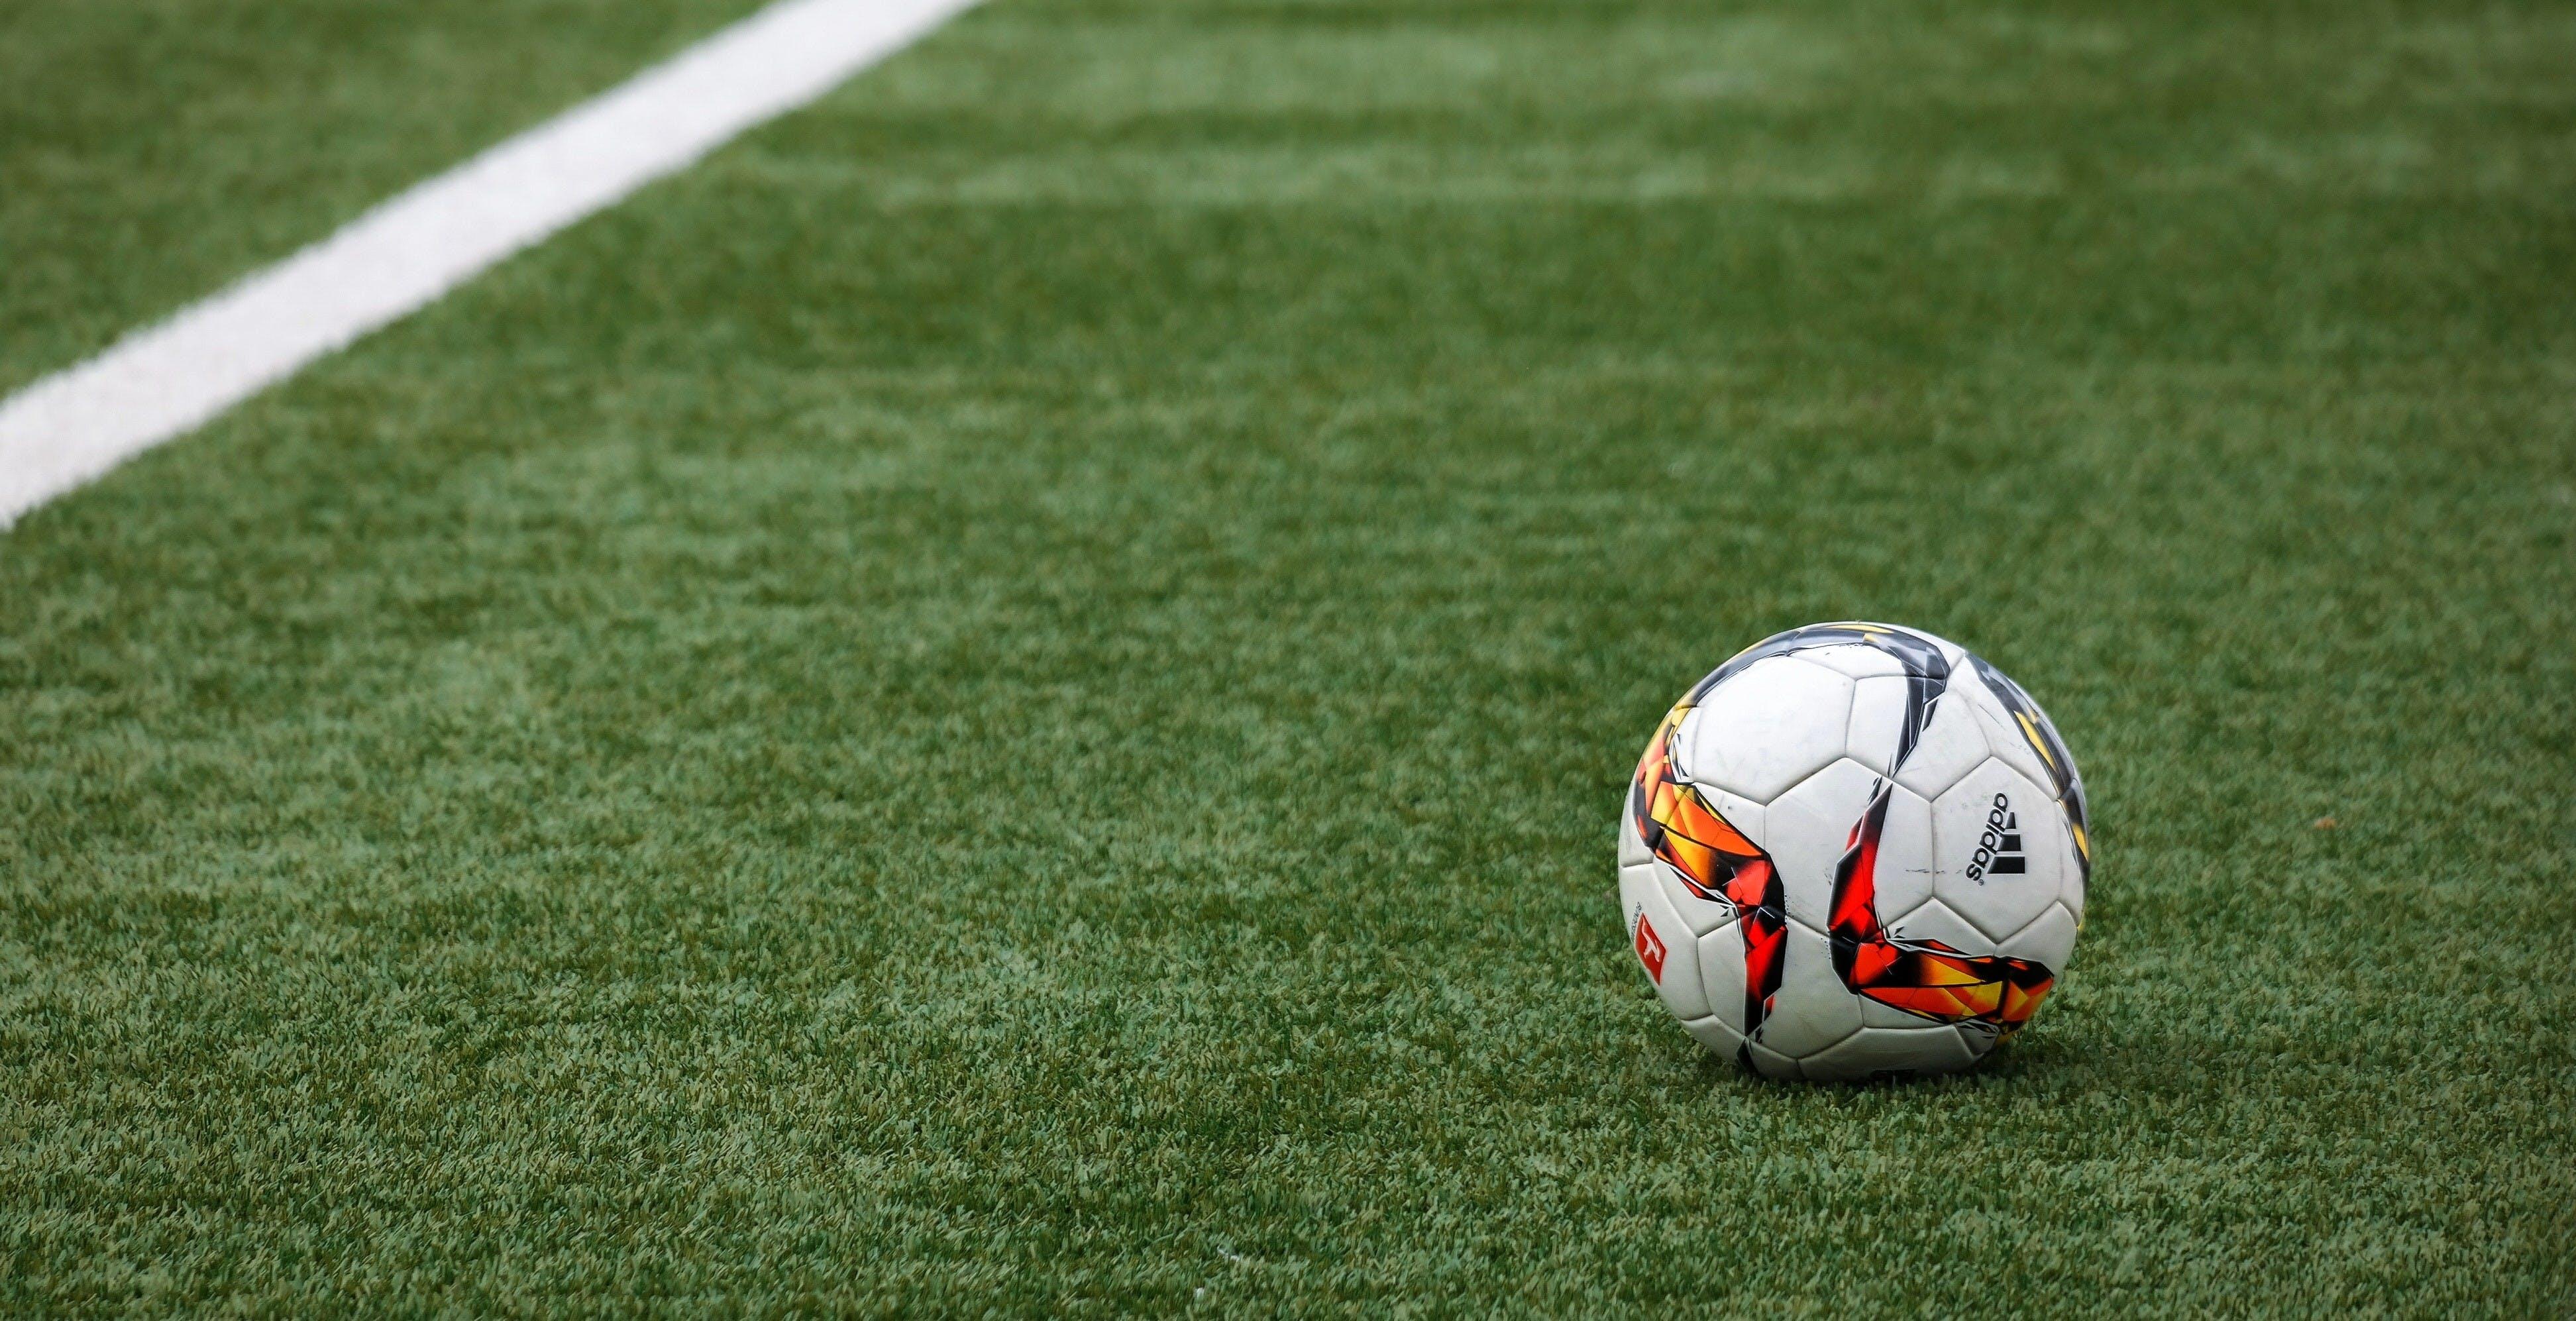 Nessun rimborso automatico agli utenti in assenza di eventi sportivi: Antitrust dà ragione a DAZN